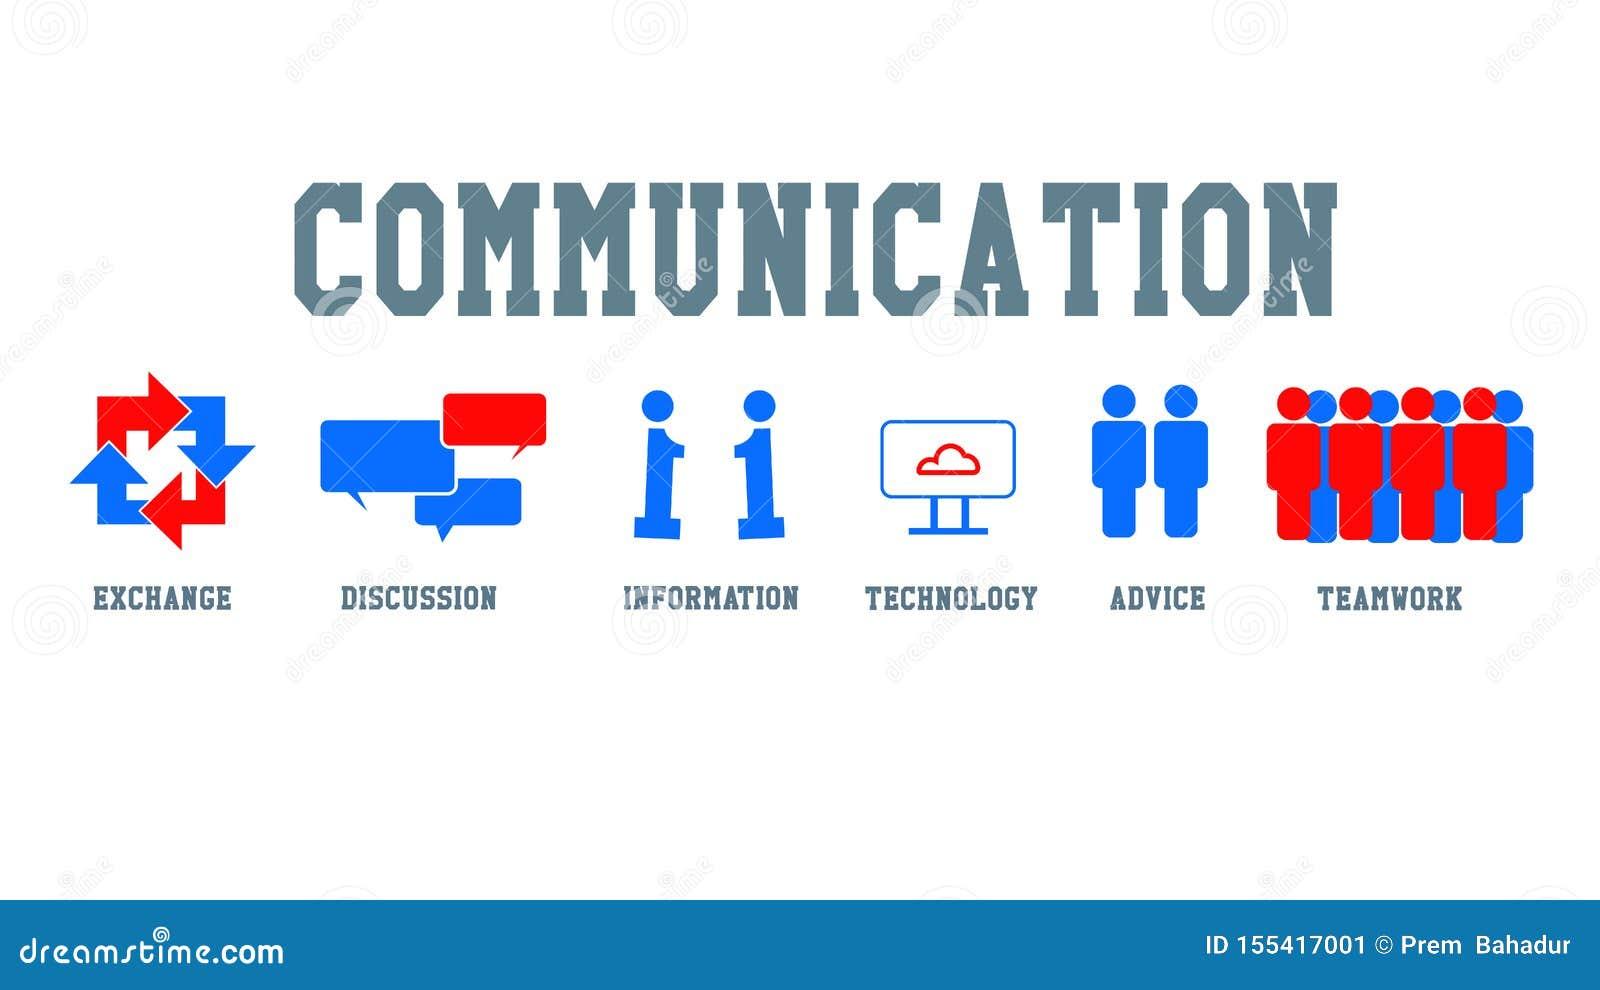 Communiction ikona i pojęcie